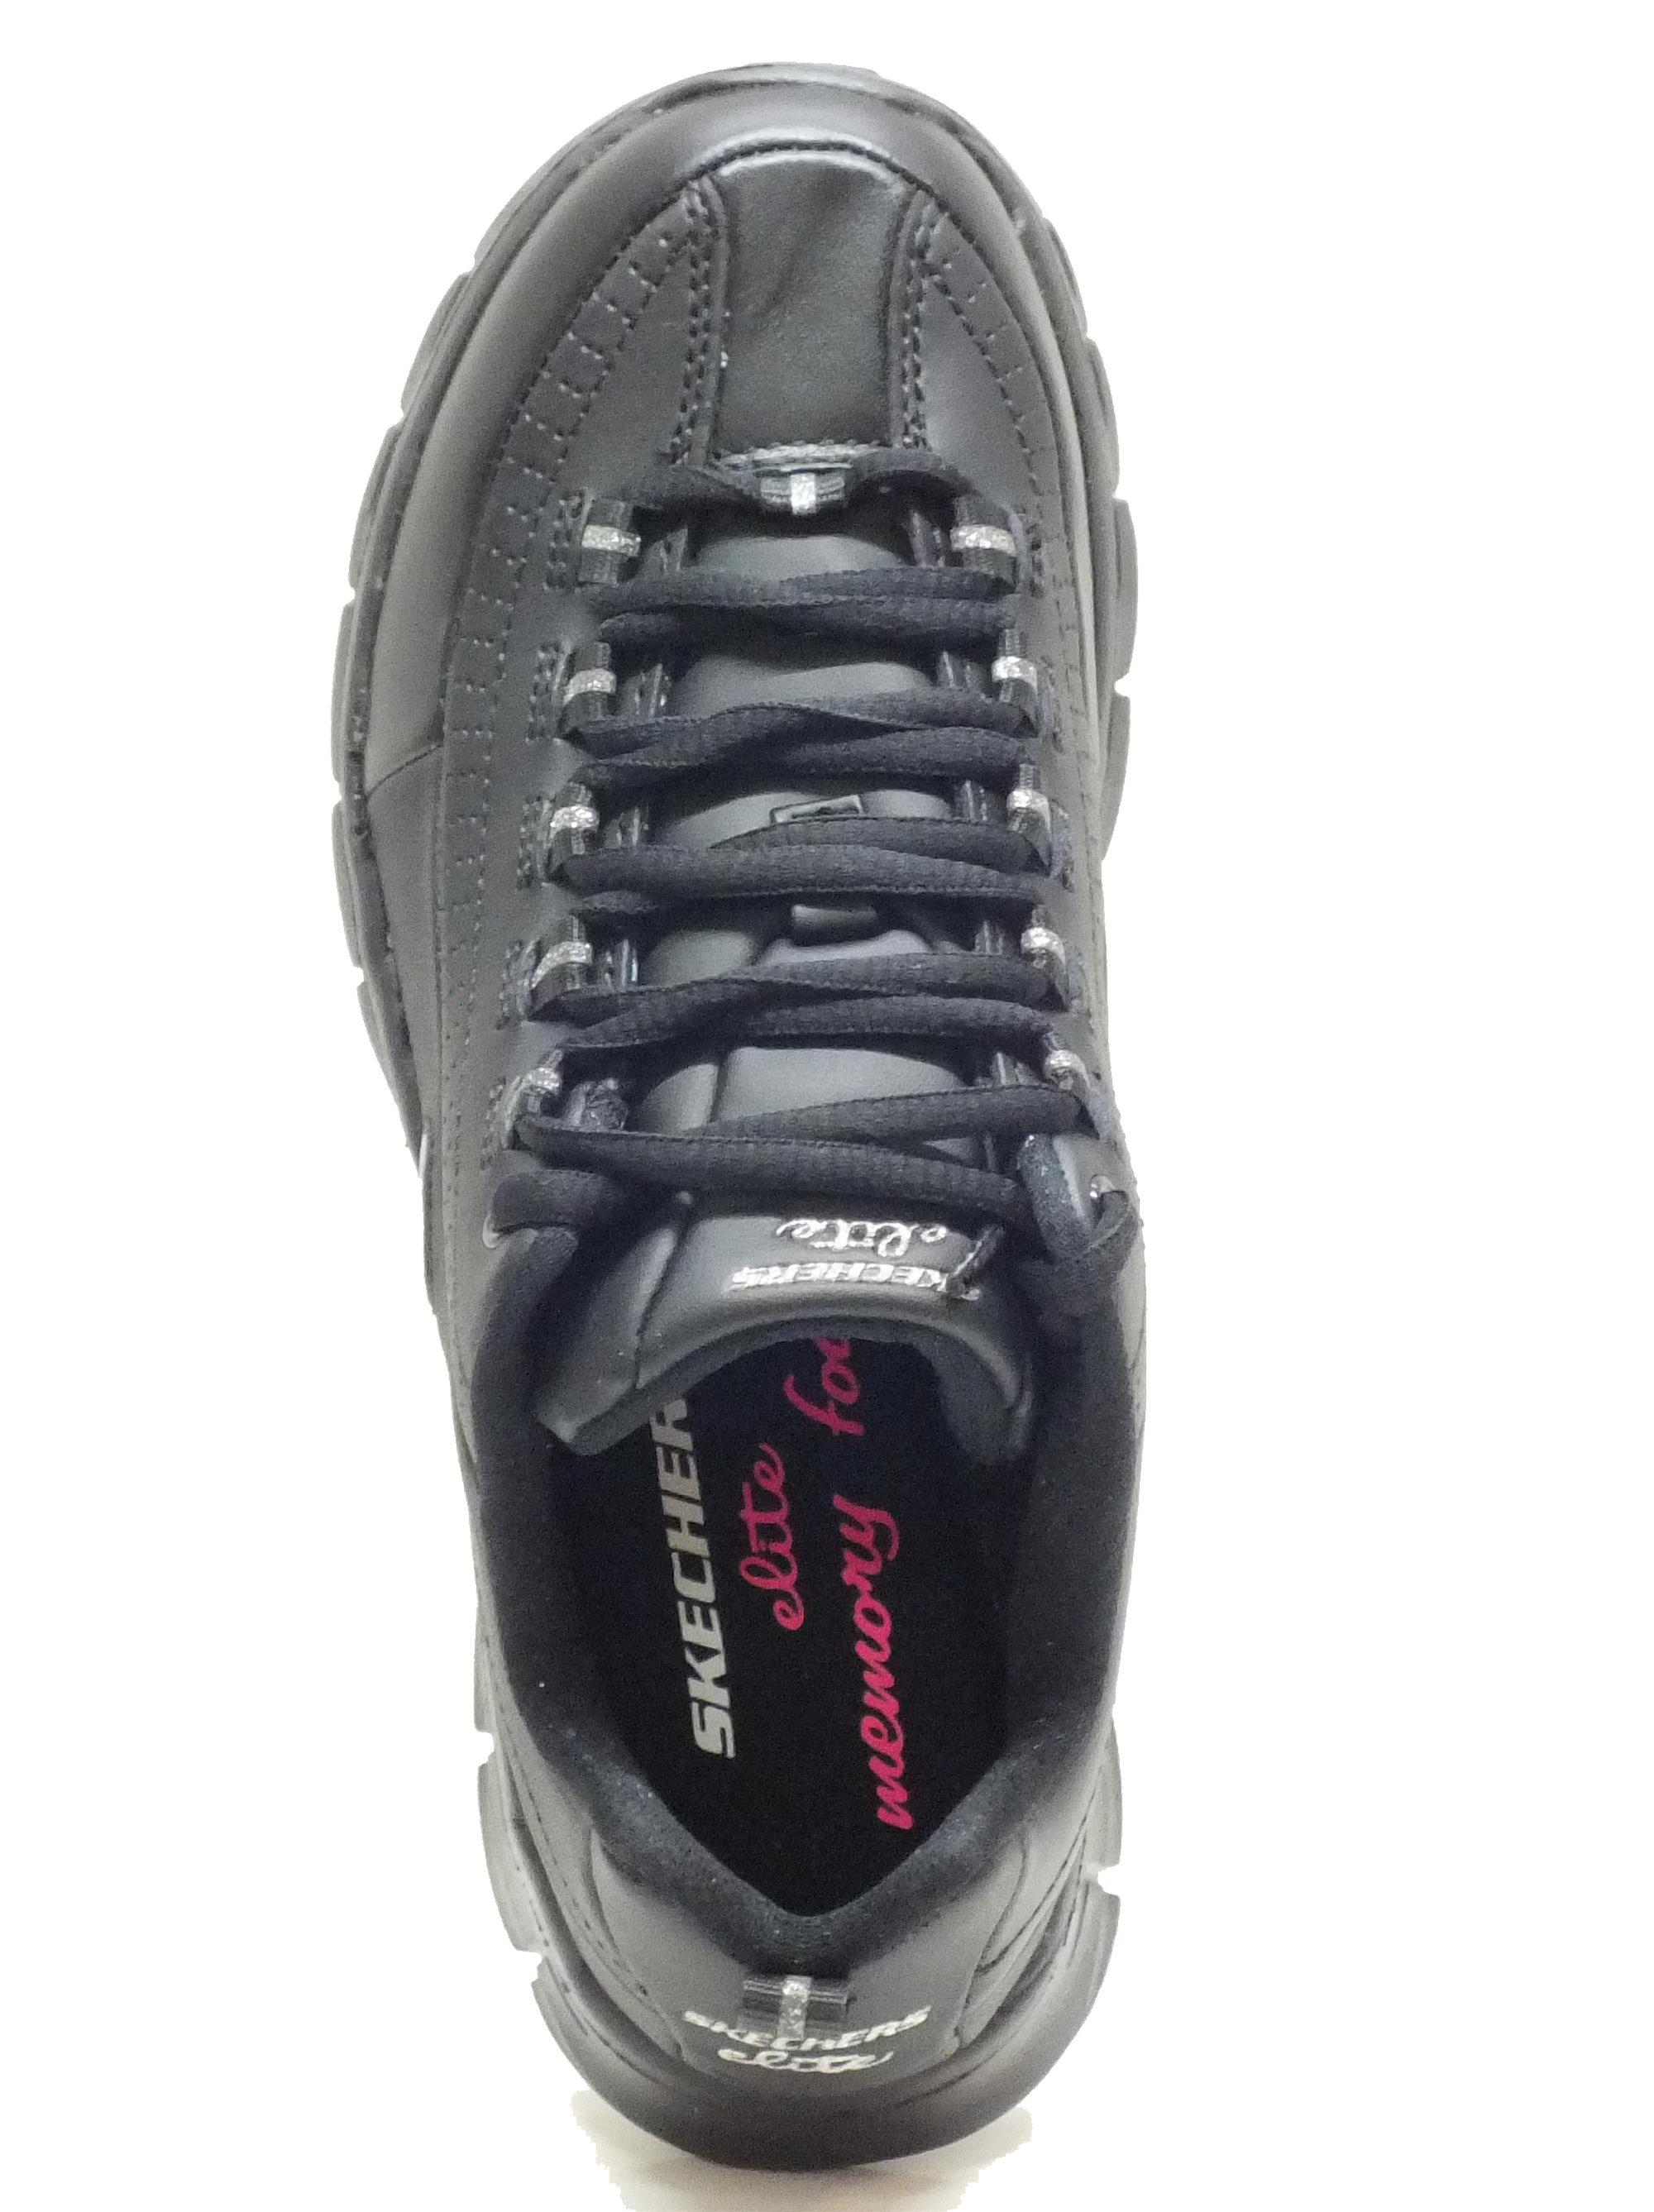 5dec8ecd0e2d Scarpe Skechers Sport donna pelle nera - Vitiello Calzature